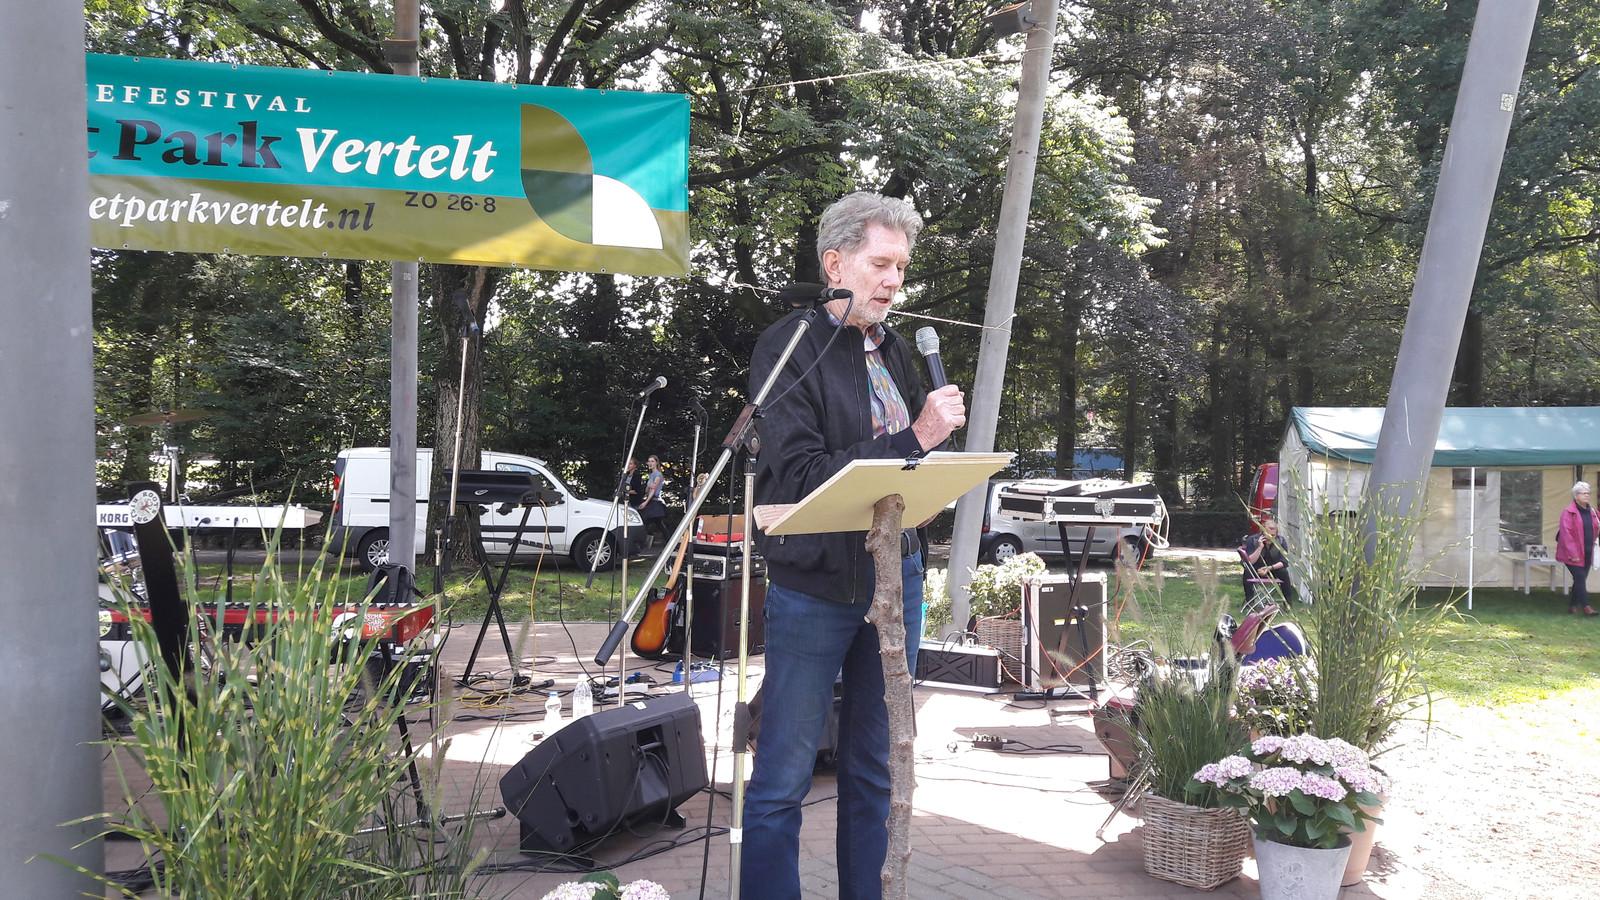 Dorpsdichter Sander Essers bijt het spits af op het Oosterbeekse Poëzie en kunst festival Het Park Vertelt.